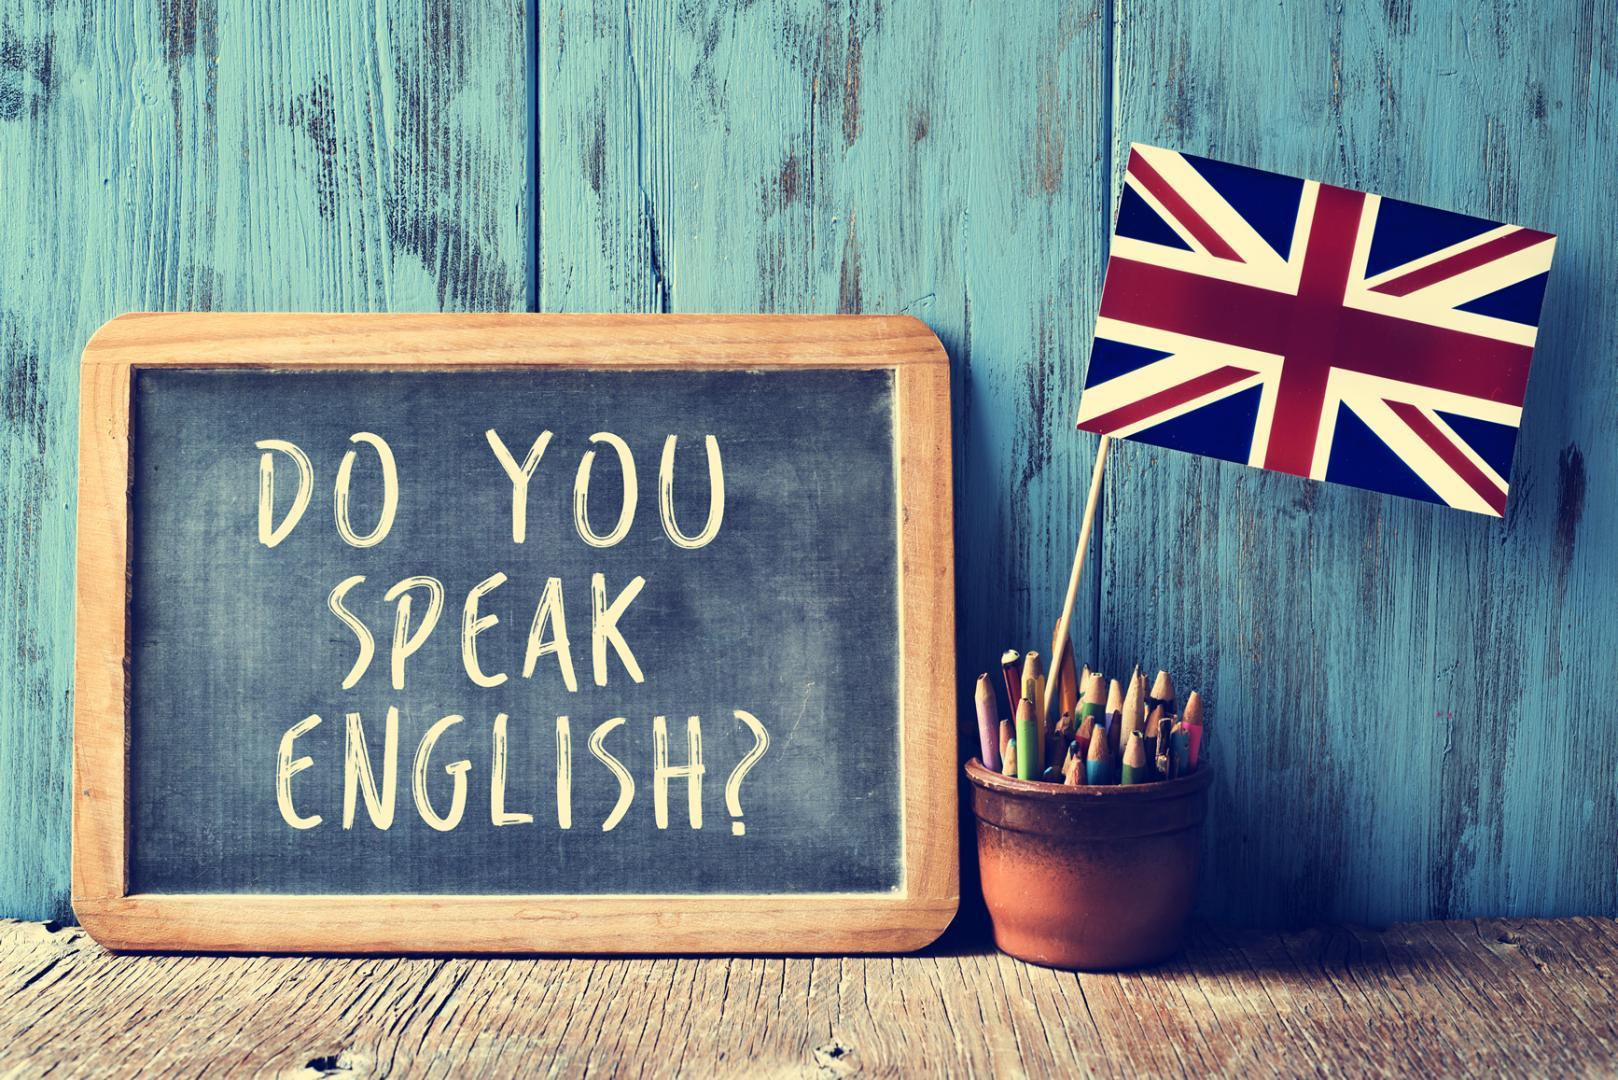 آموزش زبان نصرت رایگان